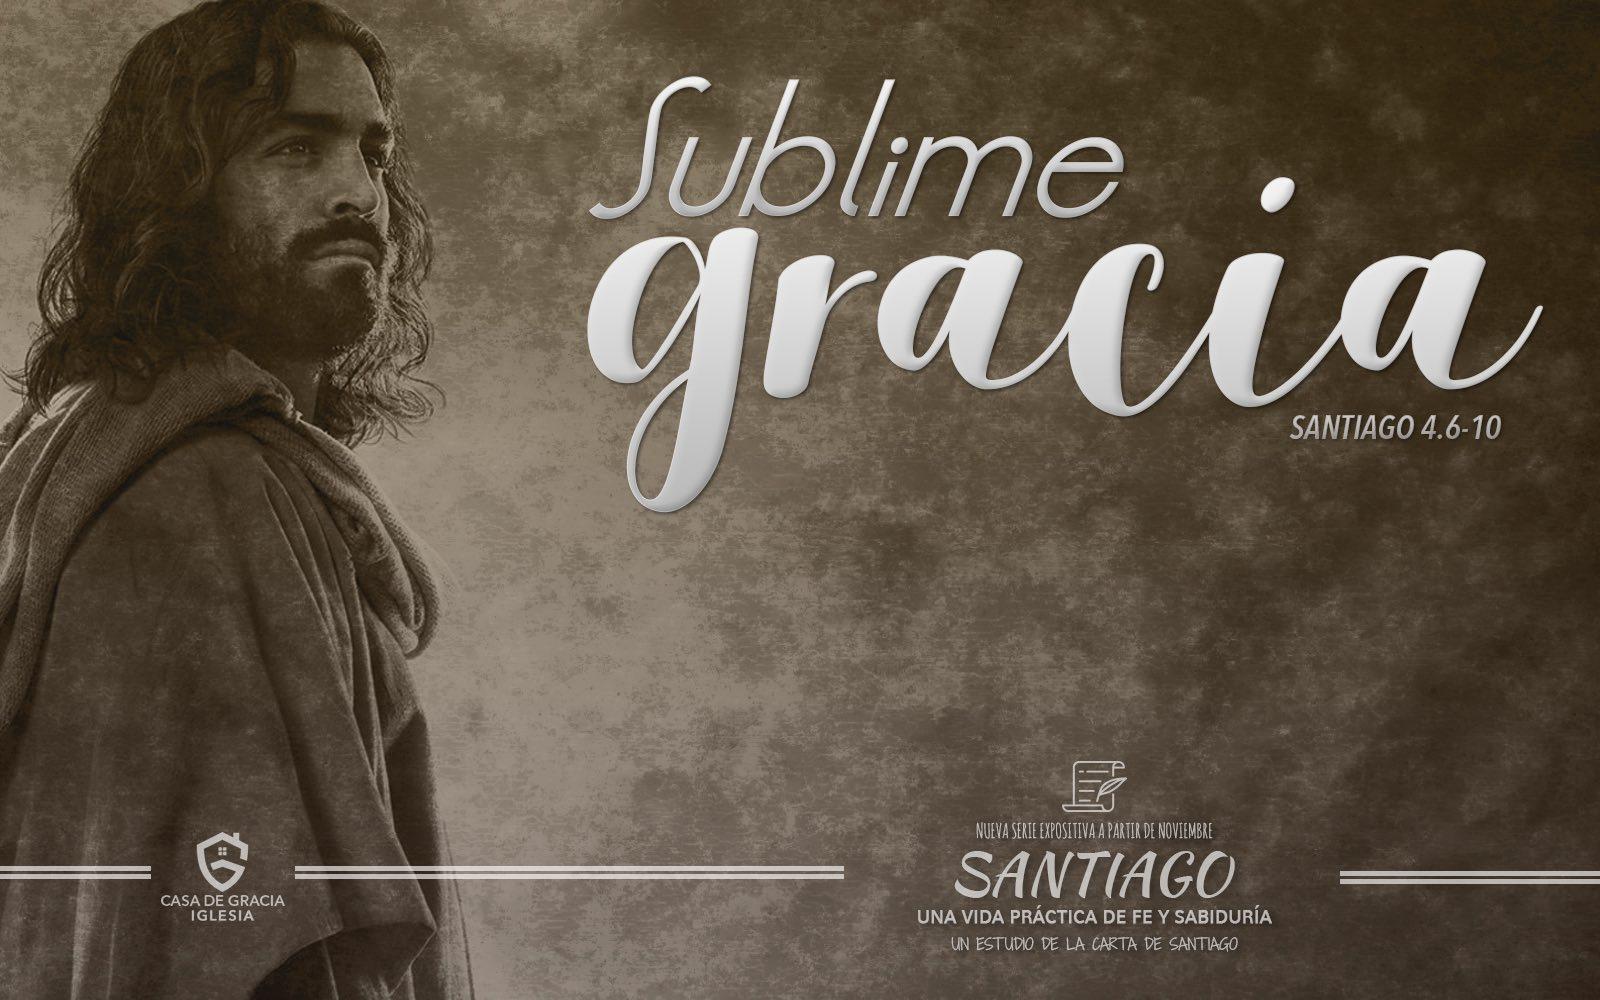 Sublime gracia - Iglesia Casa de Gracia